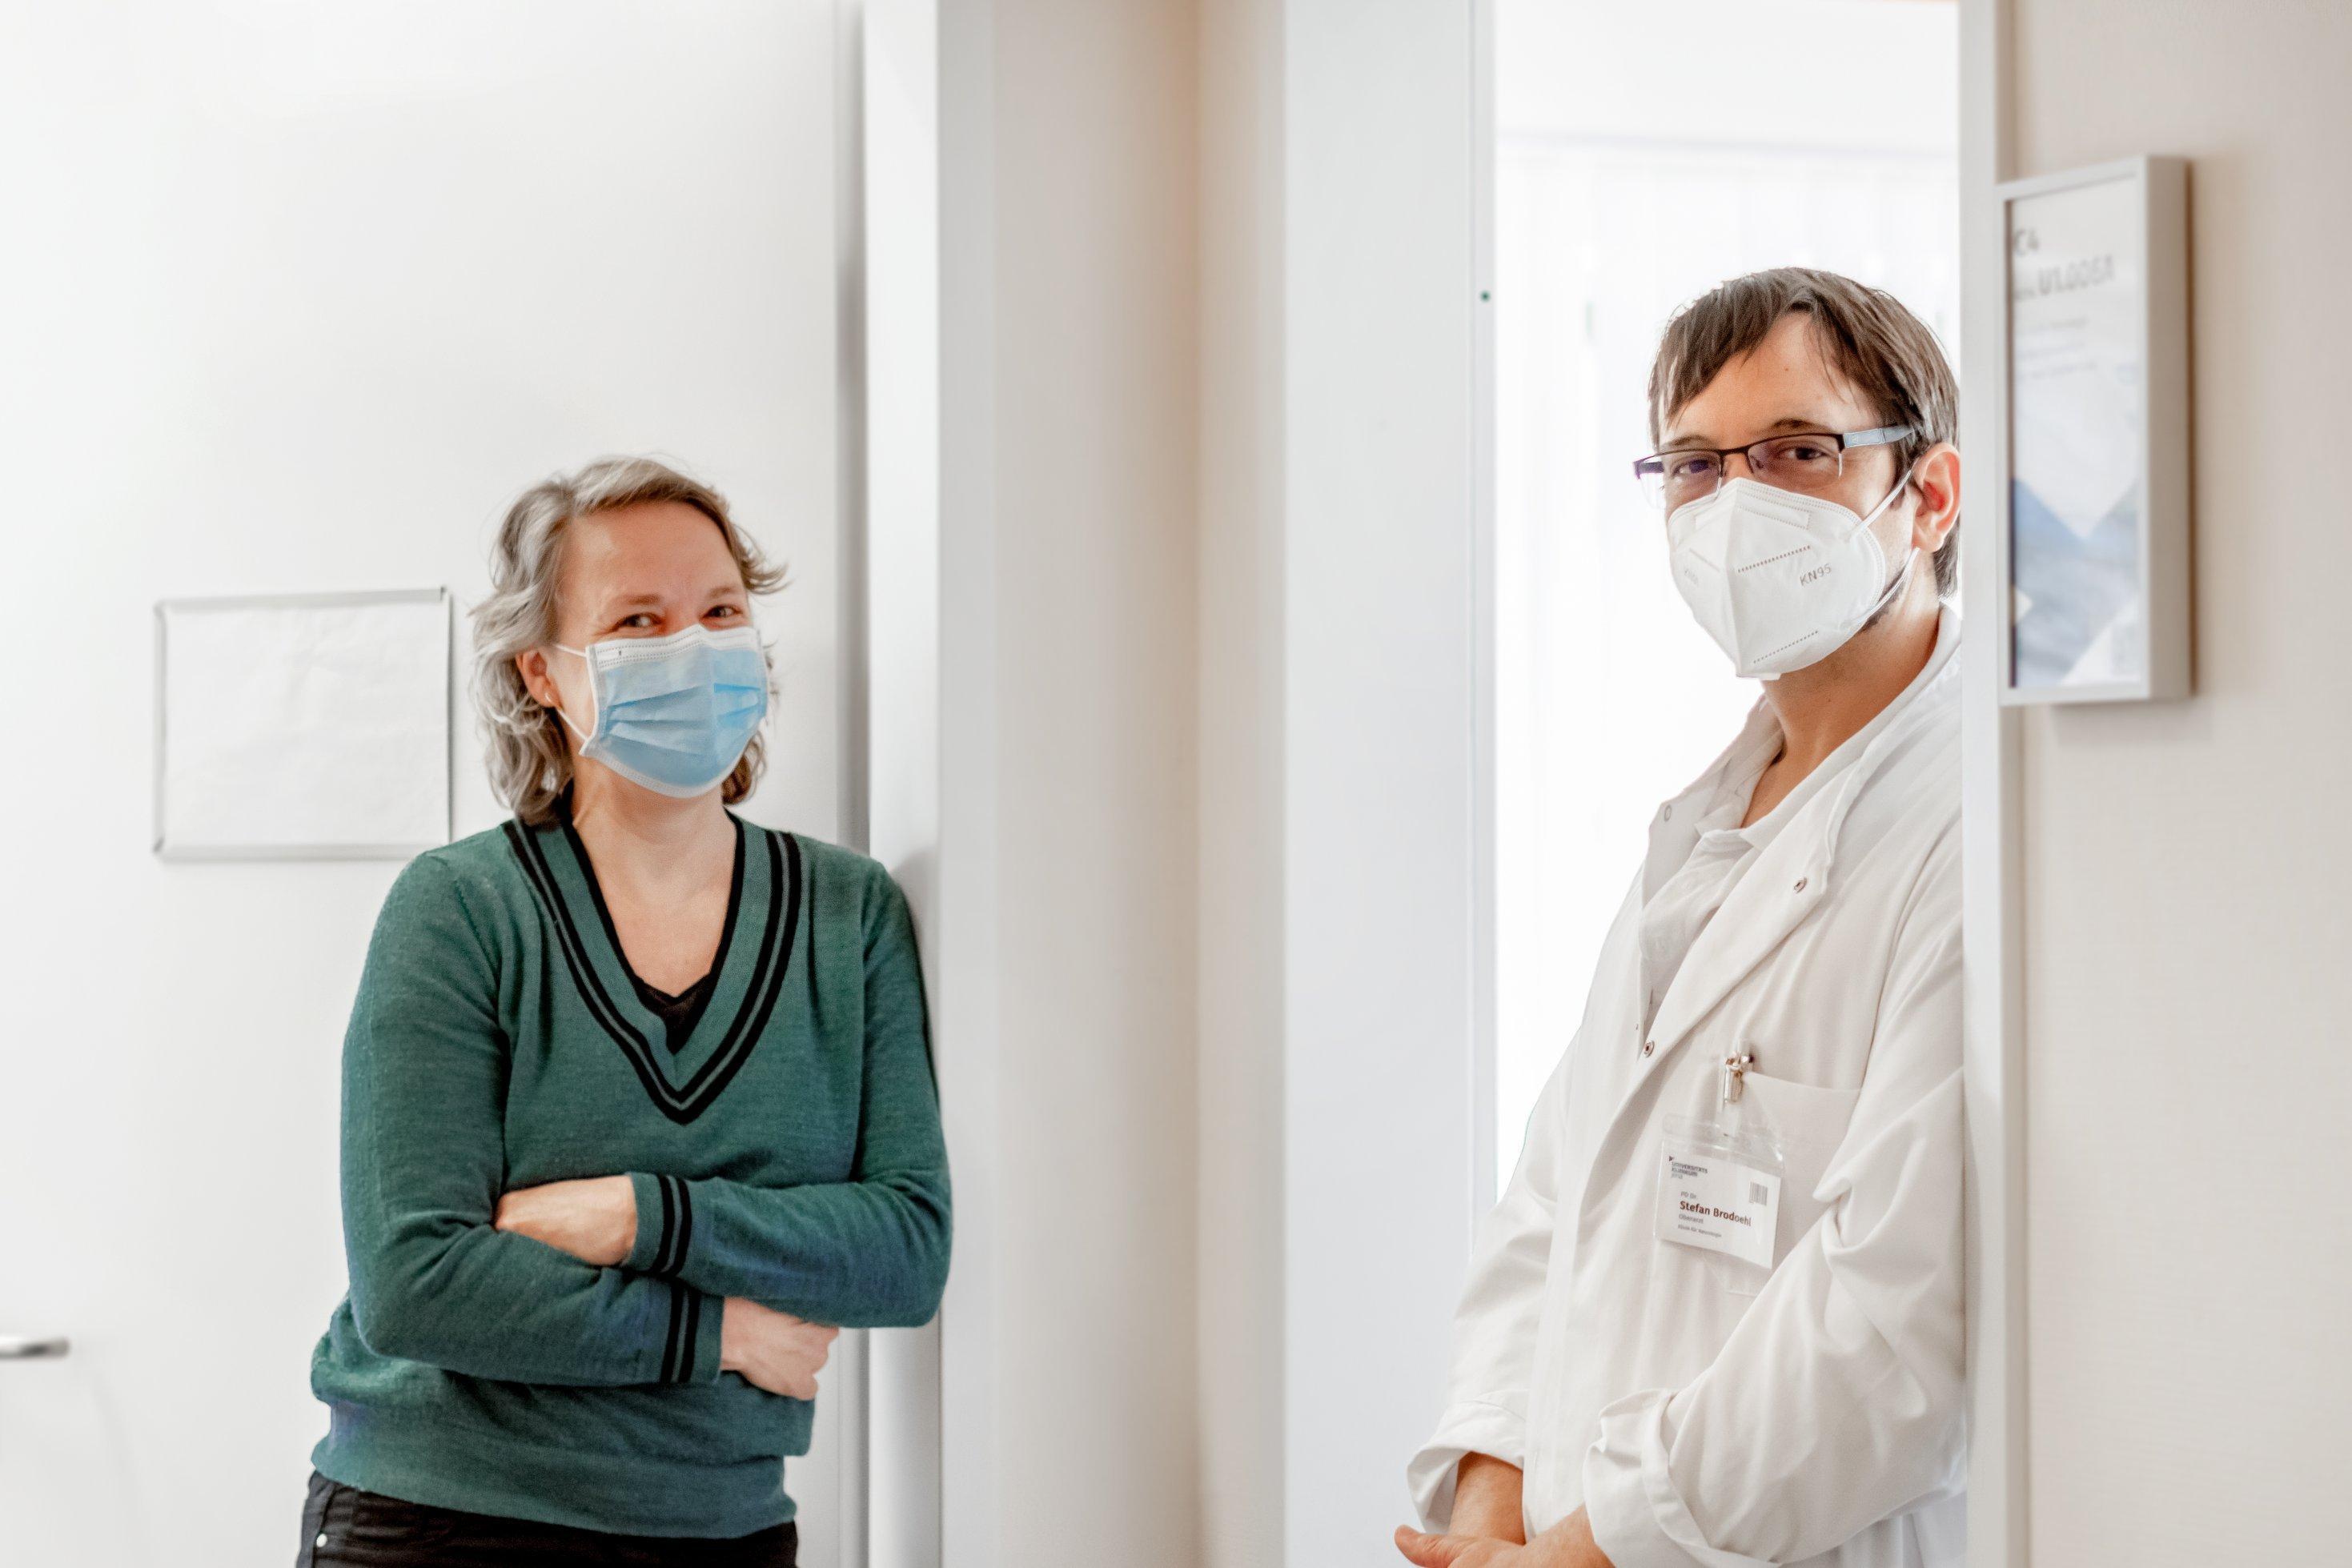 Eine Frau und ein Mann stehen an einer Tür angelehnt, beide tragen einen Mund-Nasenschutz. Die Therapeuten kümmern sich um Long Covid Patienten.